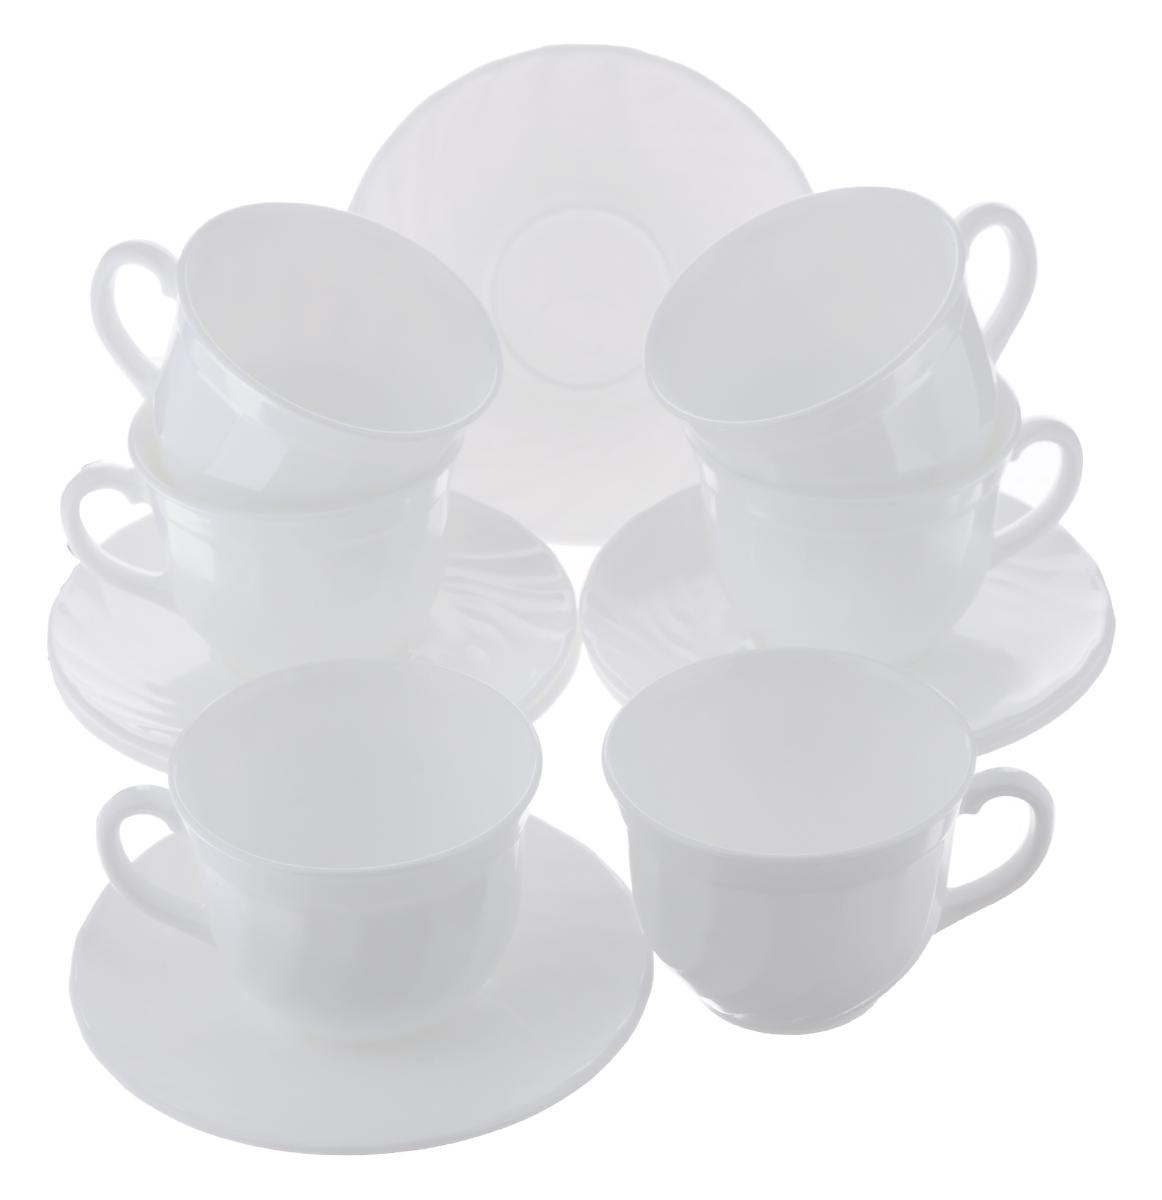 Набор чайный Luminarc Trianon, цвет: белый, 12 предметовE8845Чайный набор Luminarc Trianon состоит из 6 чашек и 6 блюдец. Изделия, выполненные извысококачественного ударопрочного стекла, имеют элегантныйдизайн и классическую круглую форму. Посуда отличается прочностью,гигиеничностью и долгим сроком службы, она устойчива к появлению царапин ирезким перепадам температур. Такой набор прекрасно подойдет как для повседневного использования, так и дляпраздников. Чайный набор Luminarc Trianon - это не только яркий и полезный подарок для родных иблизких, это также великолепное дизайнерское решение для вашей кухни илистоловой. Объем чашки: 220 мл. Диаметр чашки (по верхнему краю): 8,7 см. Высота чашки: 6,8 см.Диаметр блюдца (по верхнему краю): 14 см.Высота блюдца: 1,5 см.